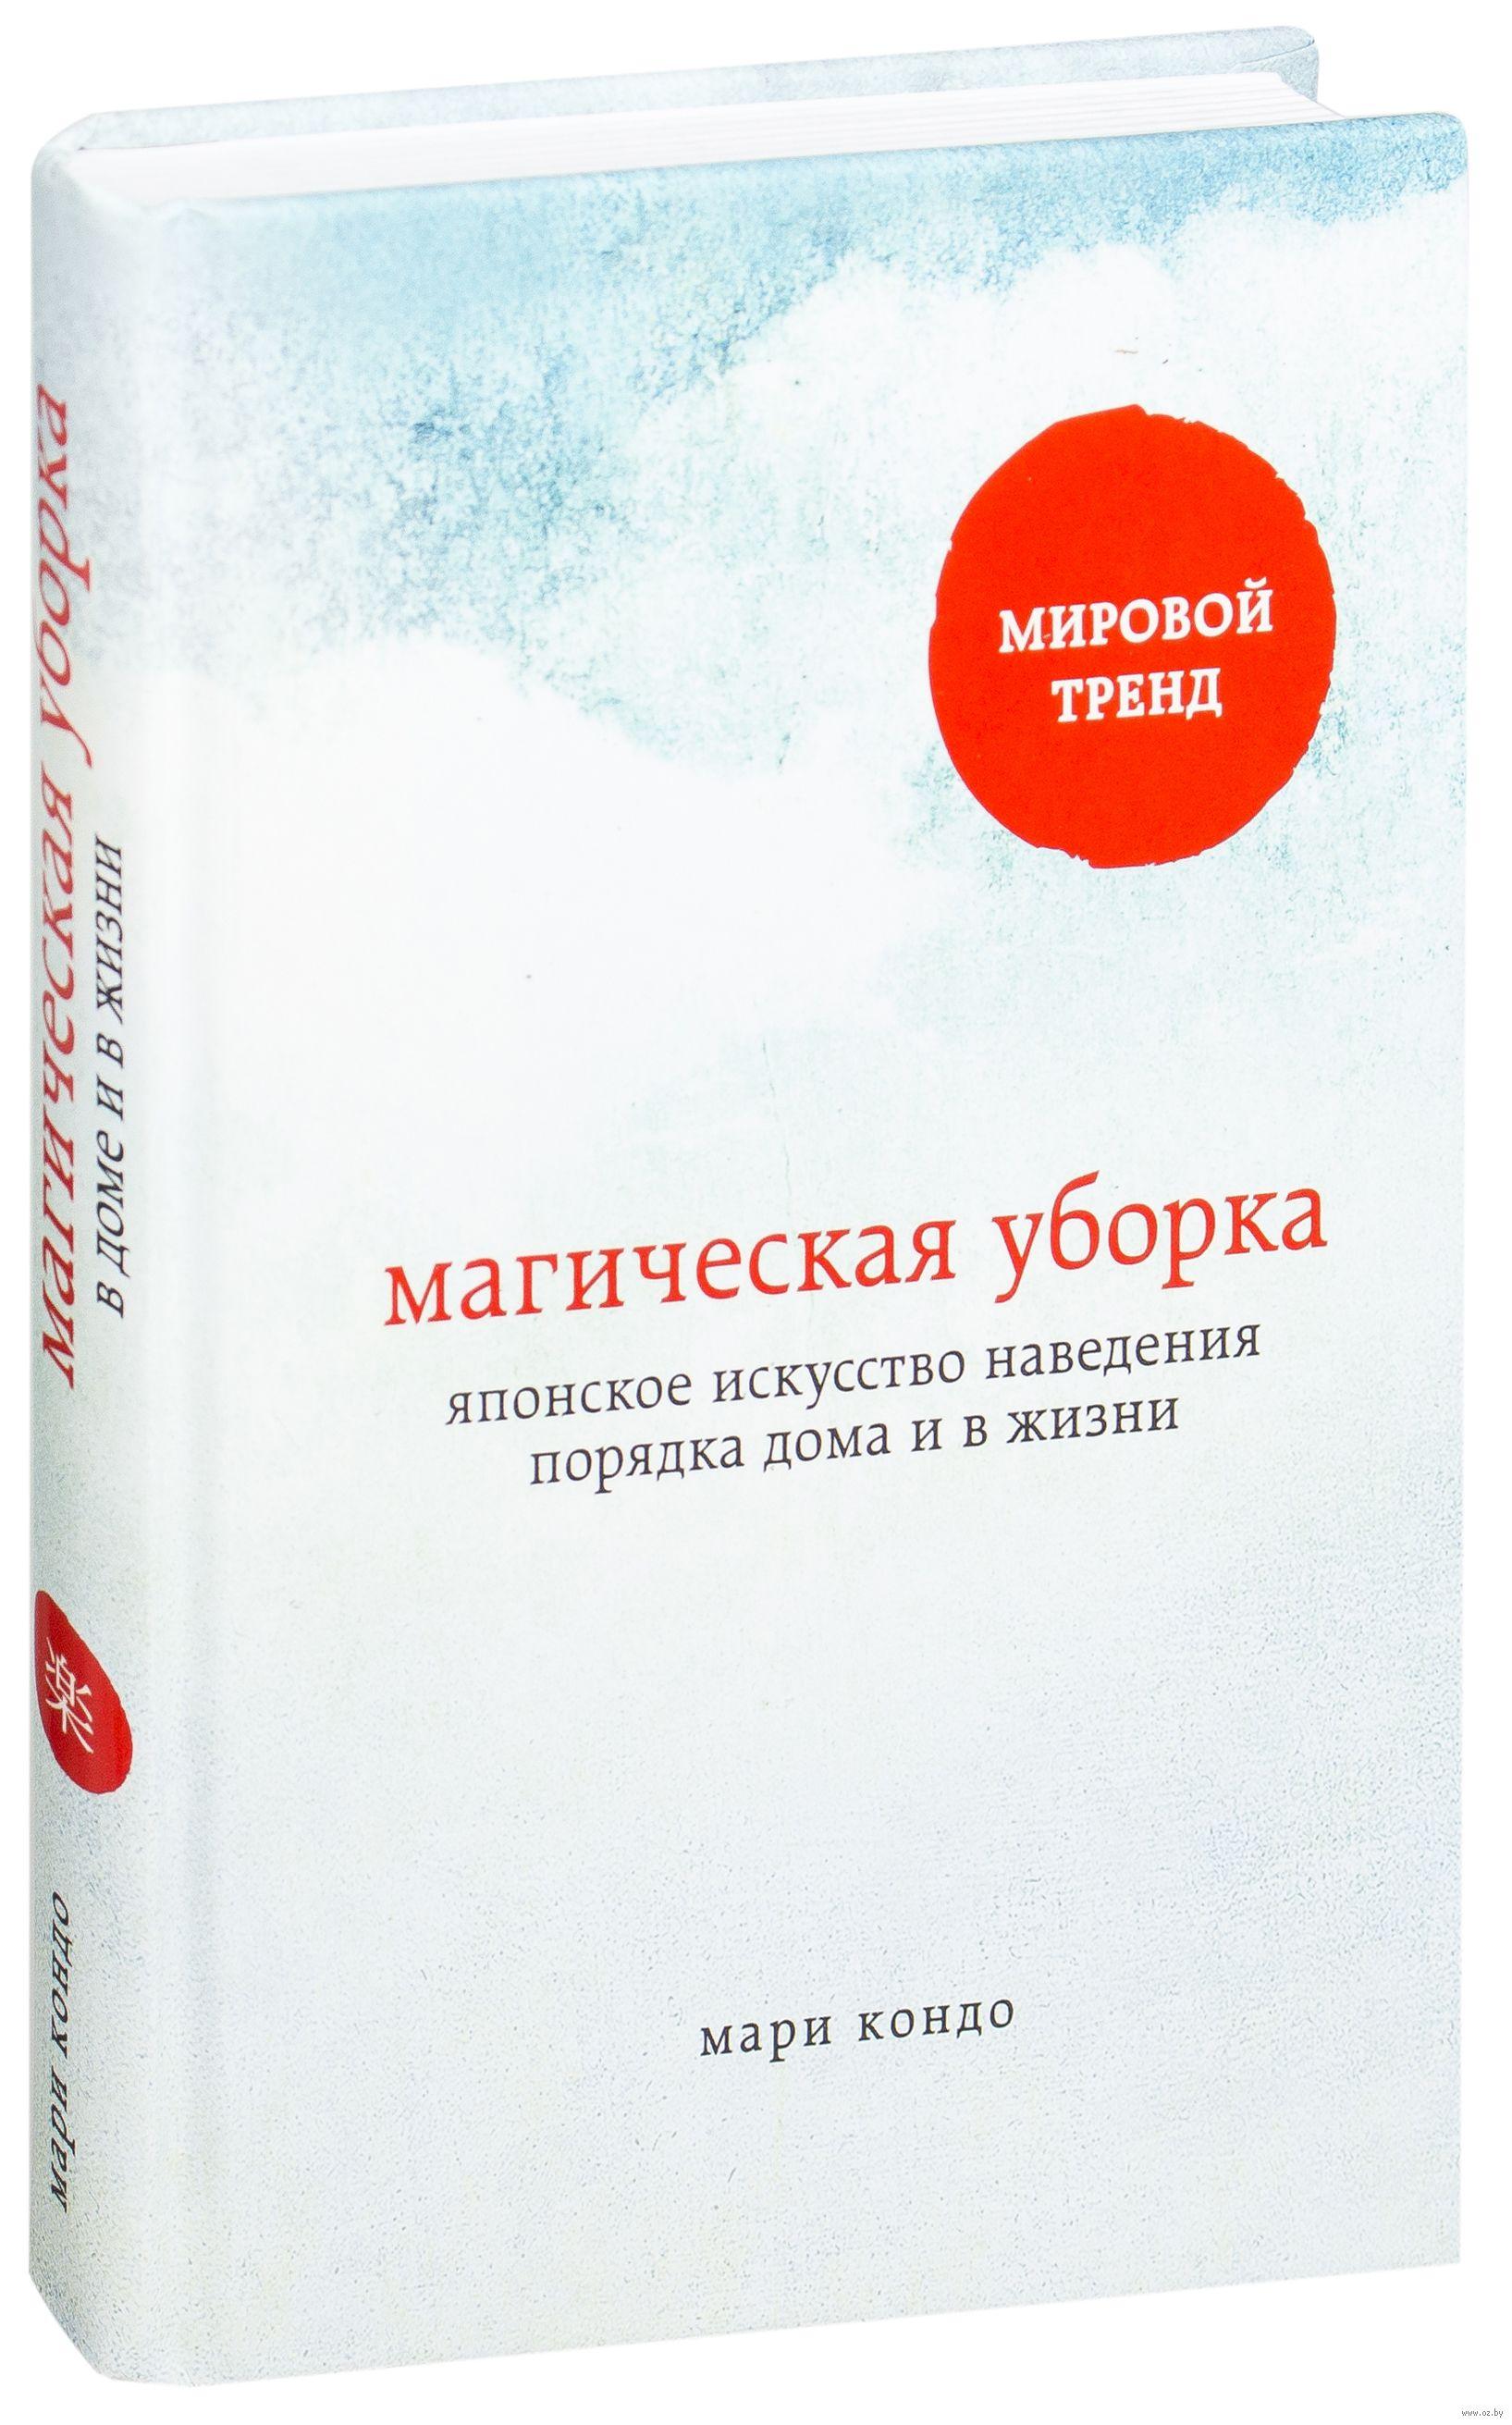 МАРИЯ КОНДО МАГИЧЕСКАЯ УБОРКА EPUB СКАЧАТЬ БЕСПЛАТНО